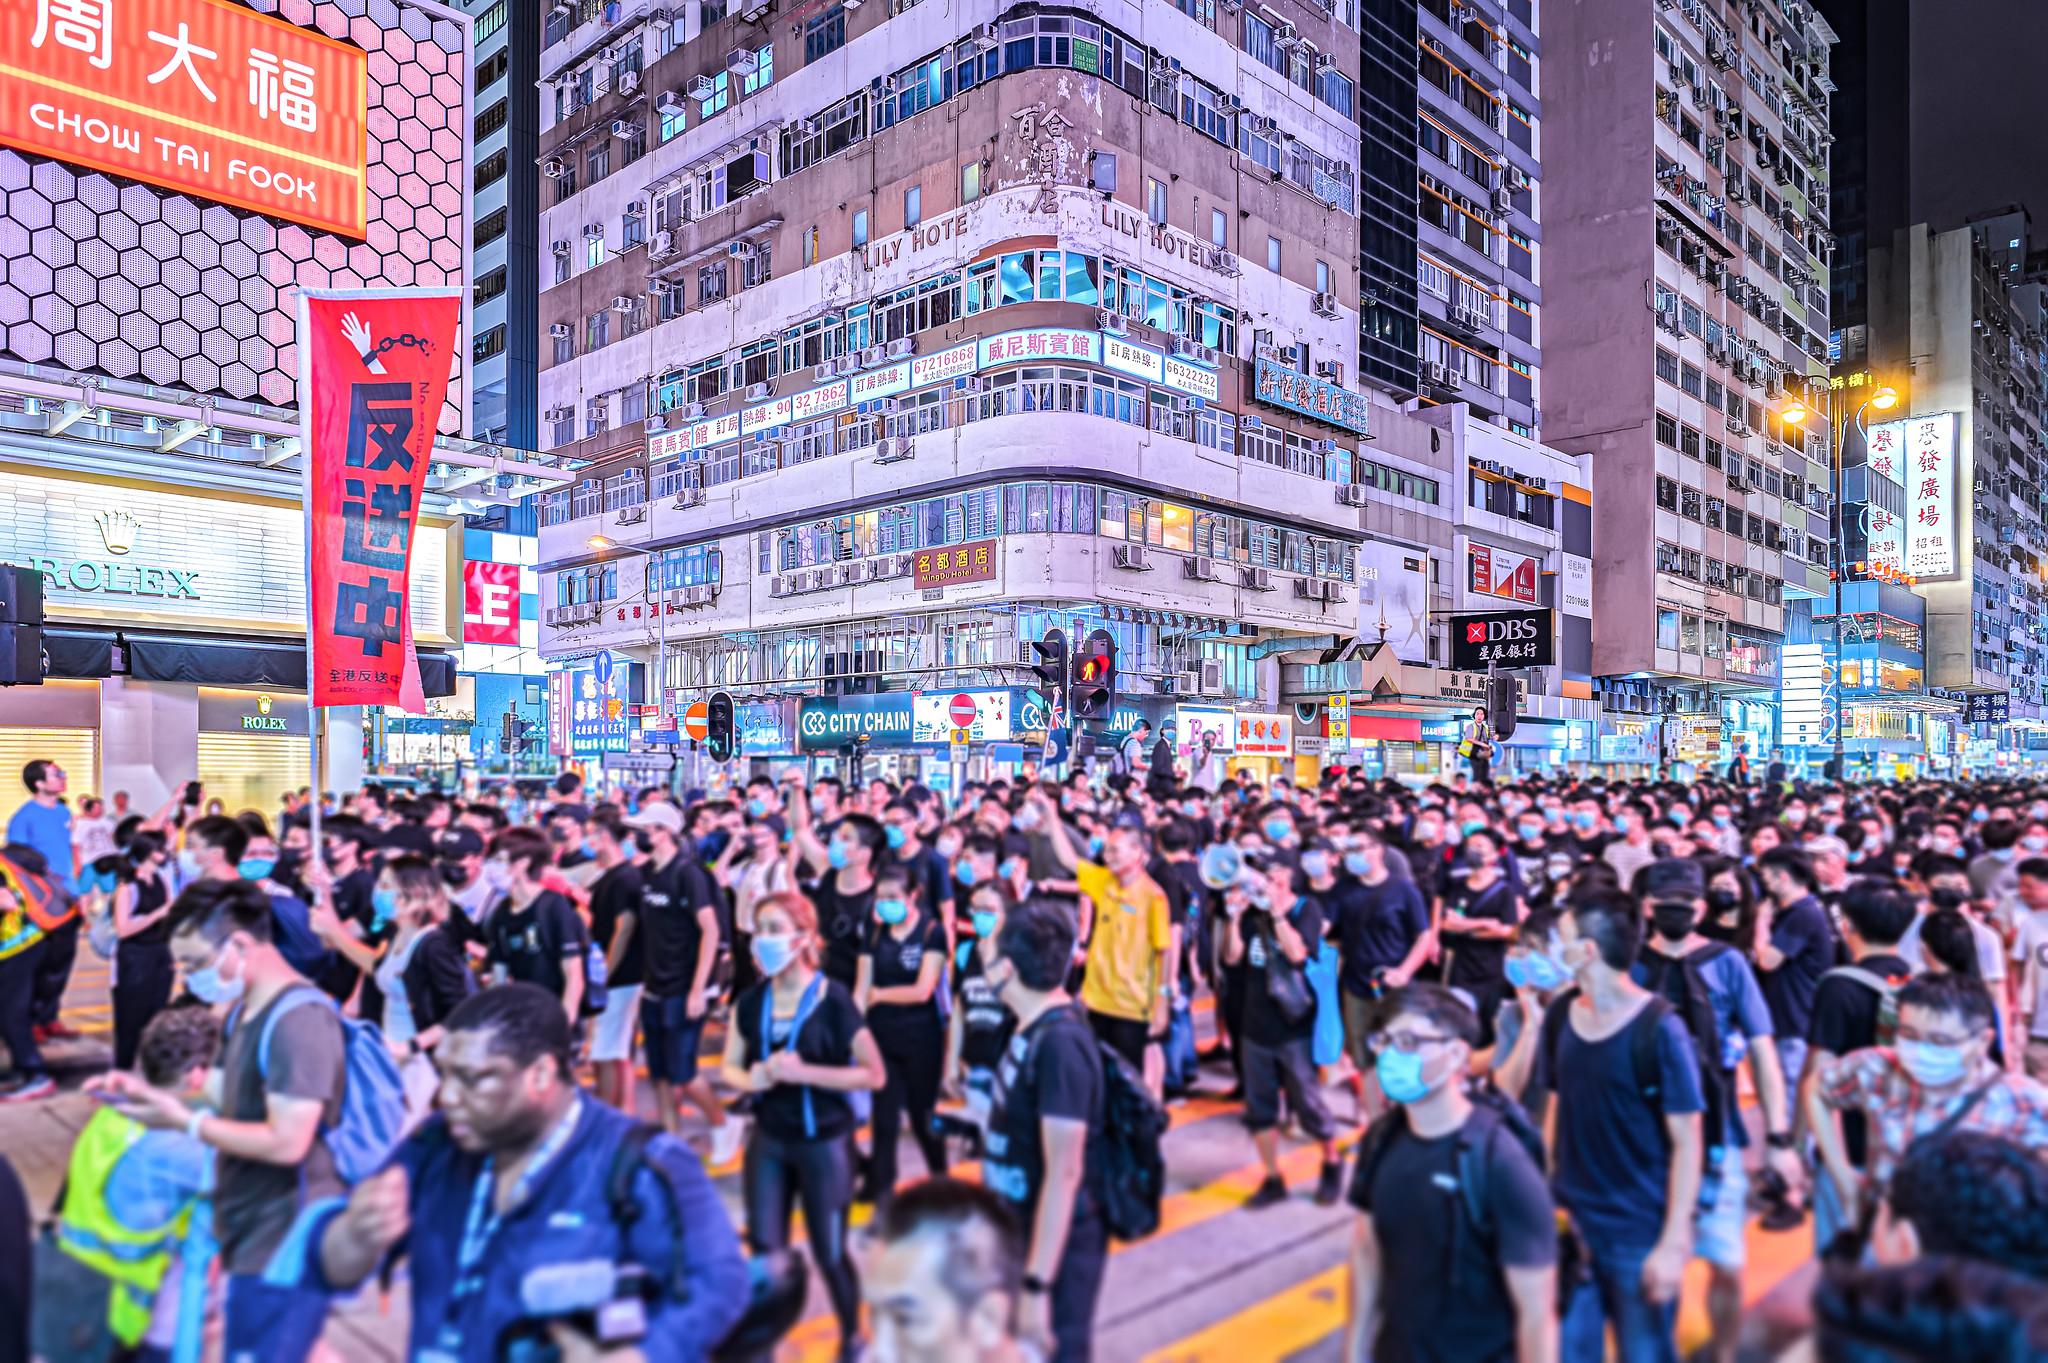 <b> Port de masques en manifestations:  Retour sur la décision de la Cour d'Appel de Hong Kong du 9 avril 2020 </b> </br> </br> Par Eugénie Mérieau